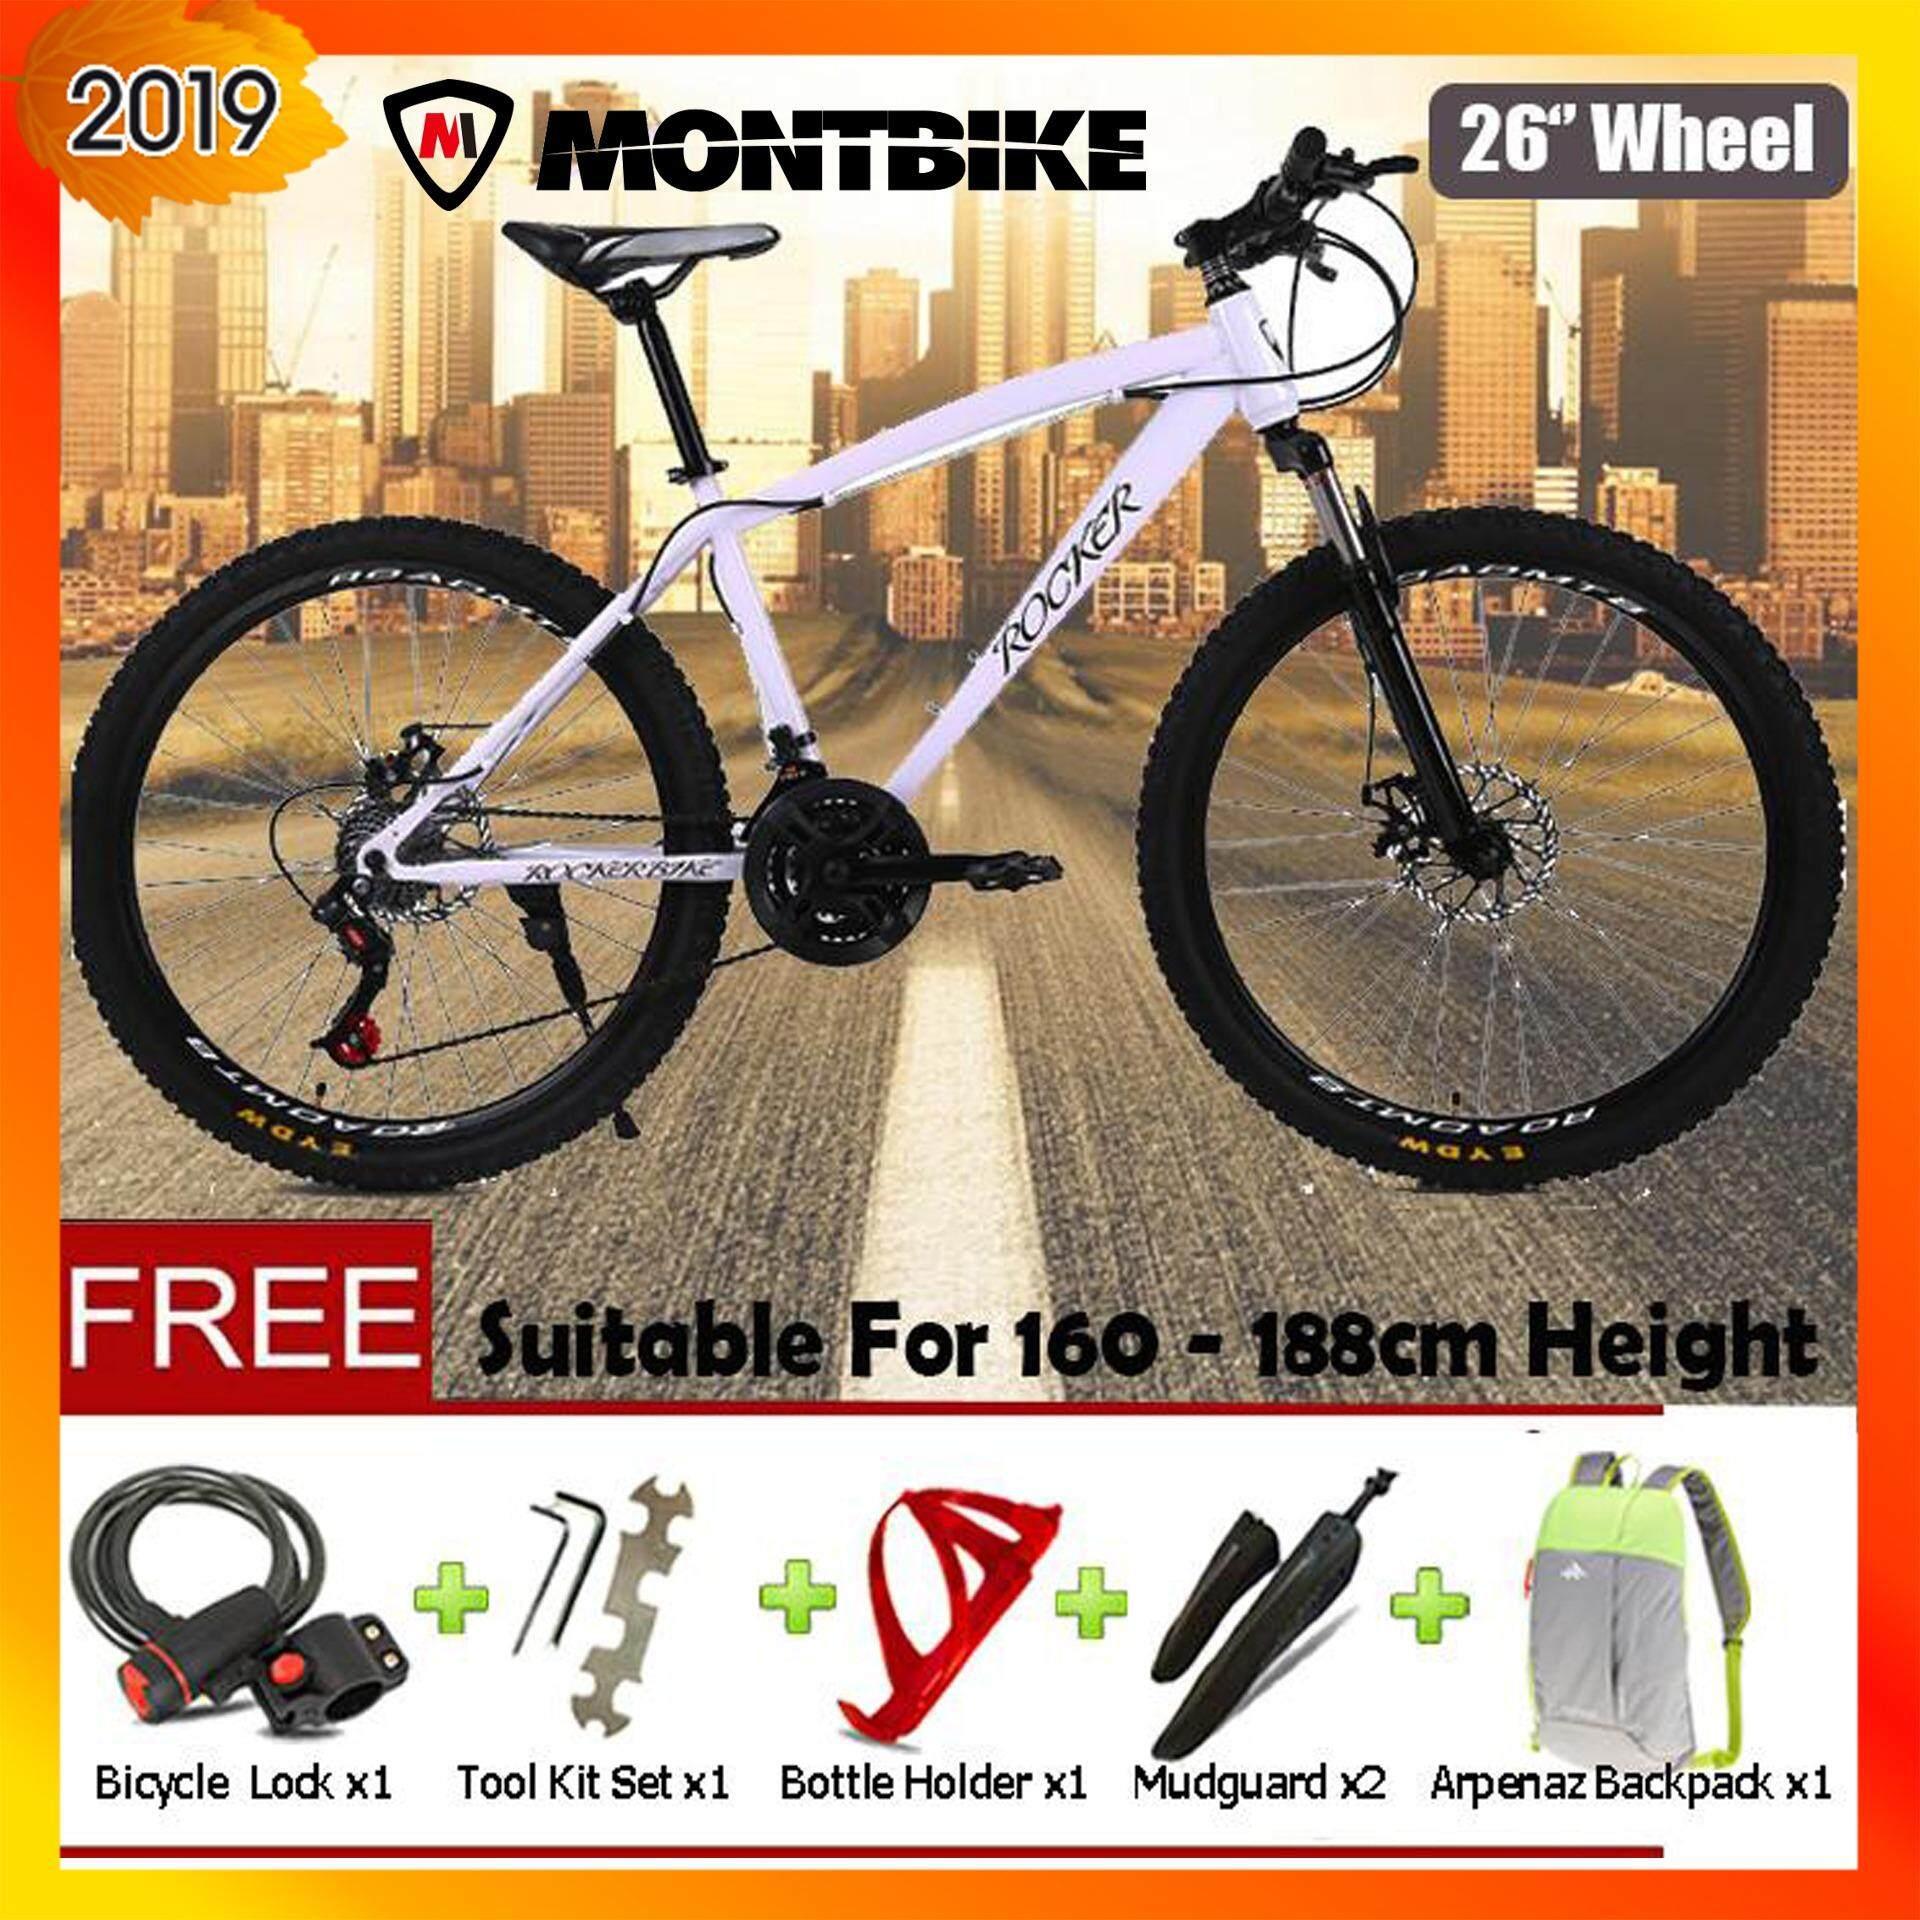 MONTBIKE ROCKER [SP278] New Rocker Bike 26